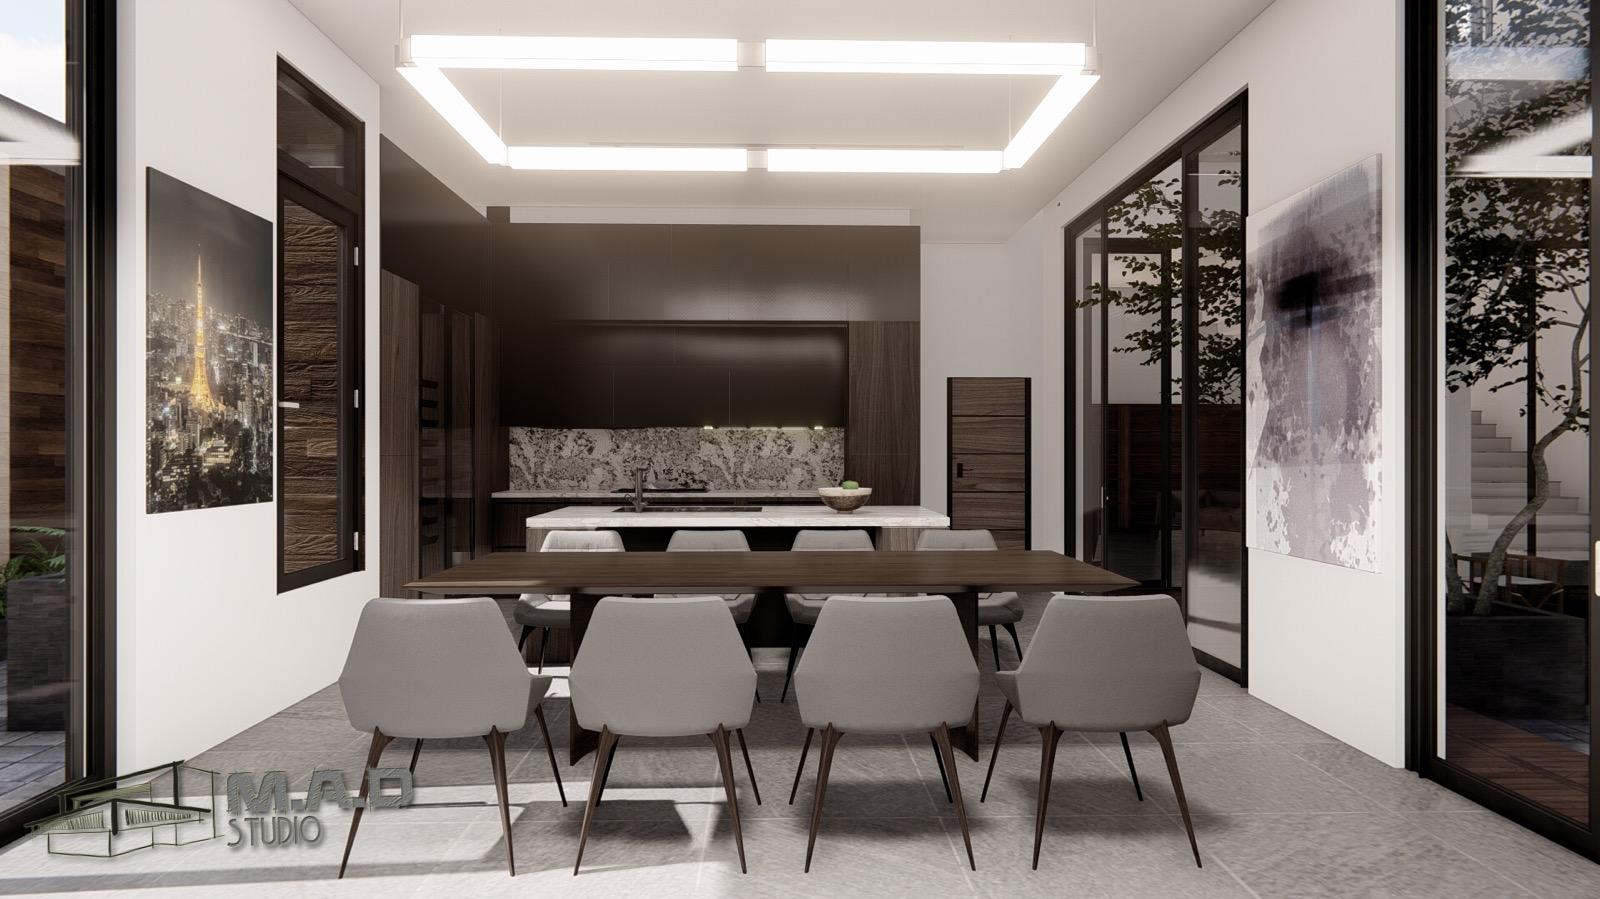 thiết kế nội thất Biệt Thự tại Gia Lai Modern villa 4 1565933996